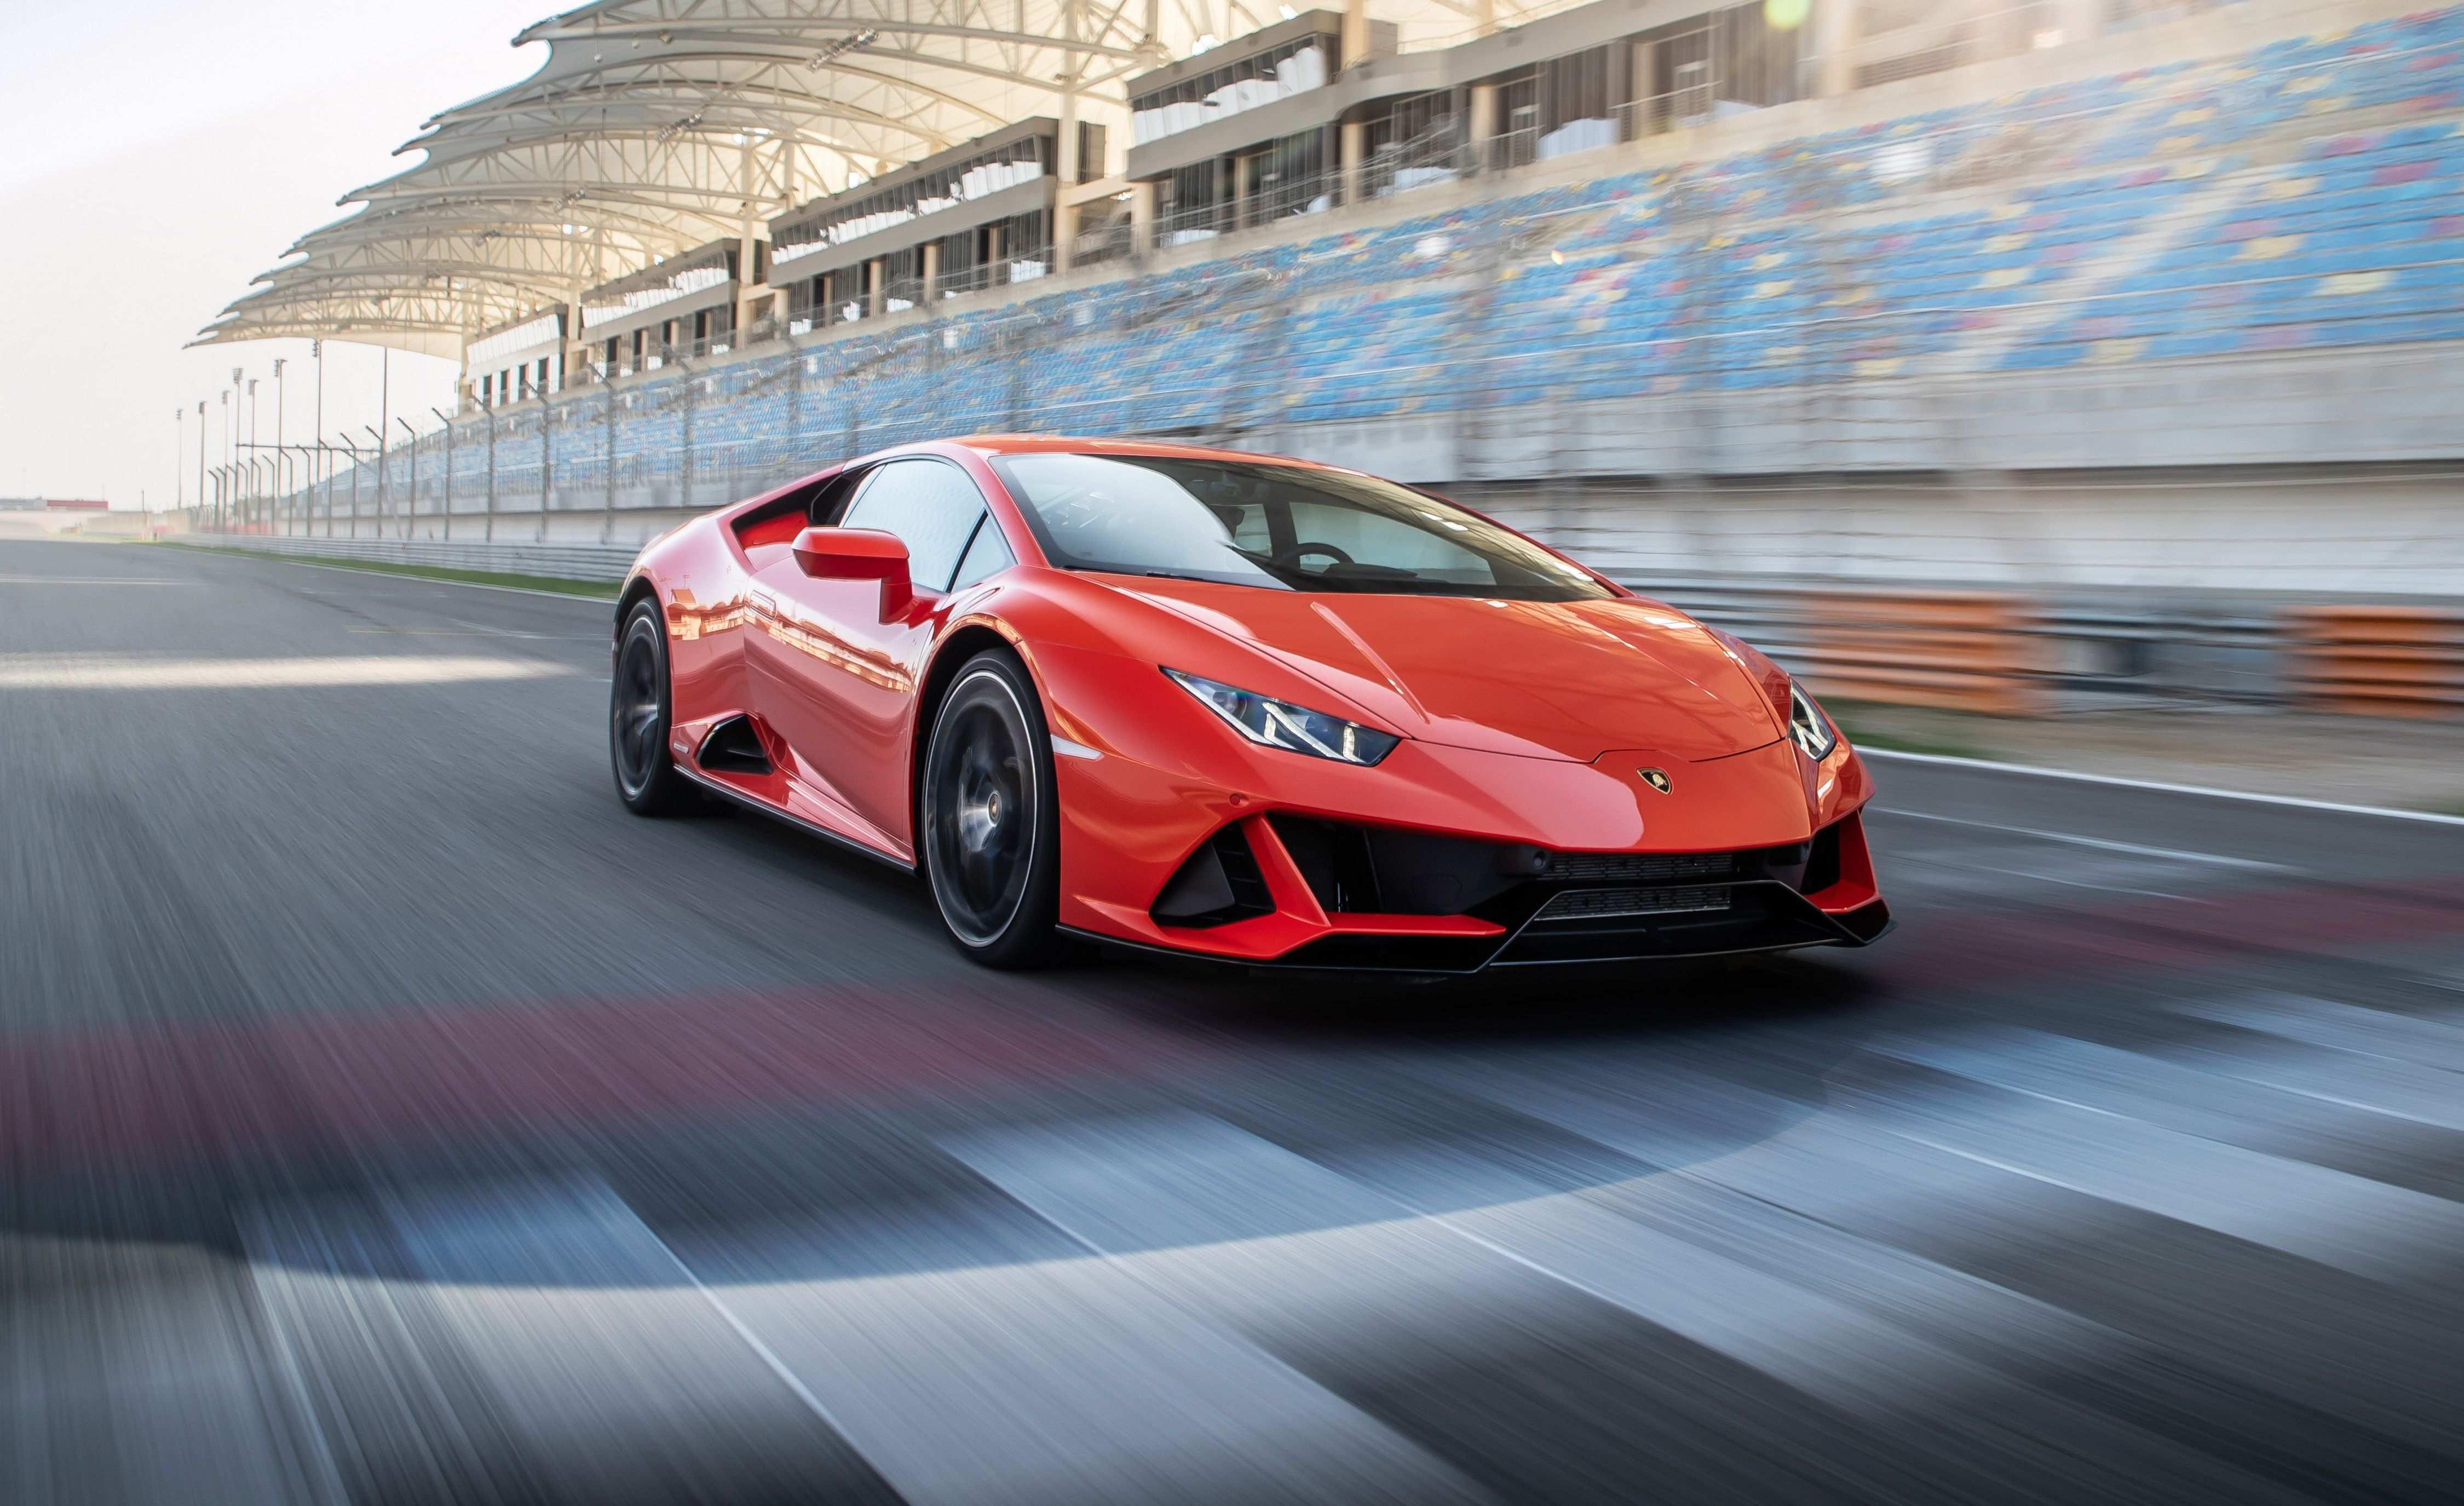 61 Best Review 2019 Lamborghini Huracan Horsepower First Drive by 2019 Lamborghini Huracan Horsepower